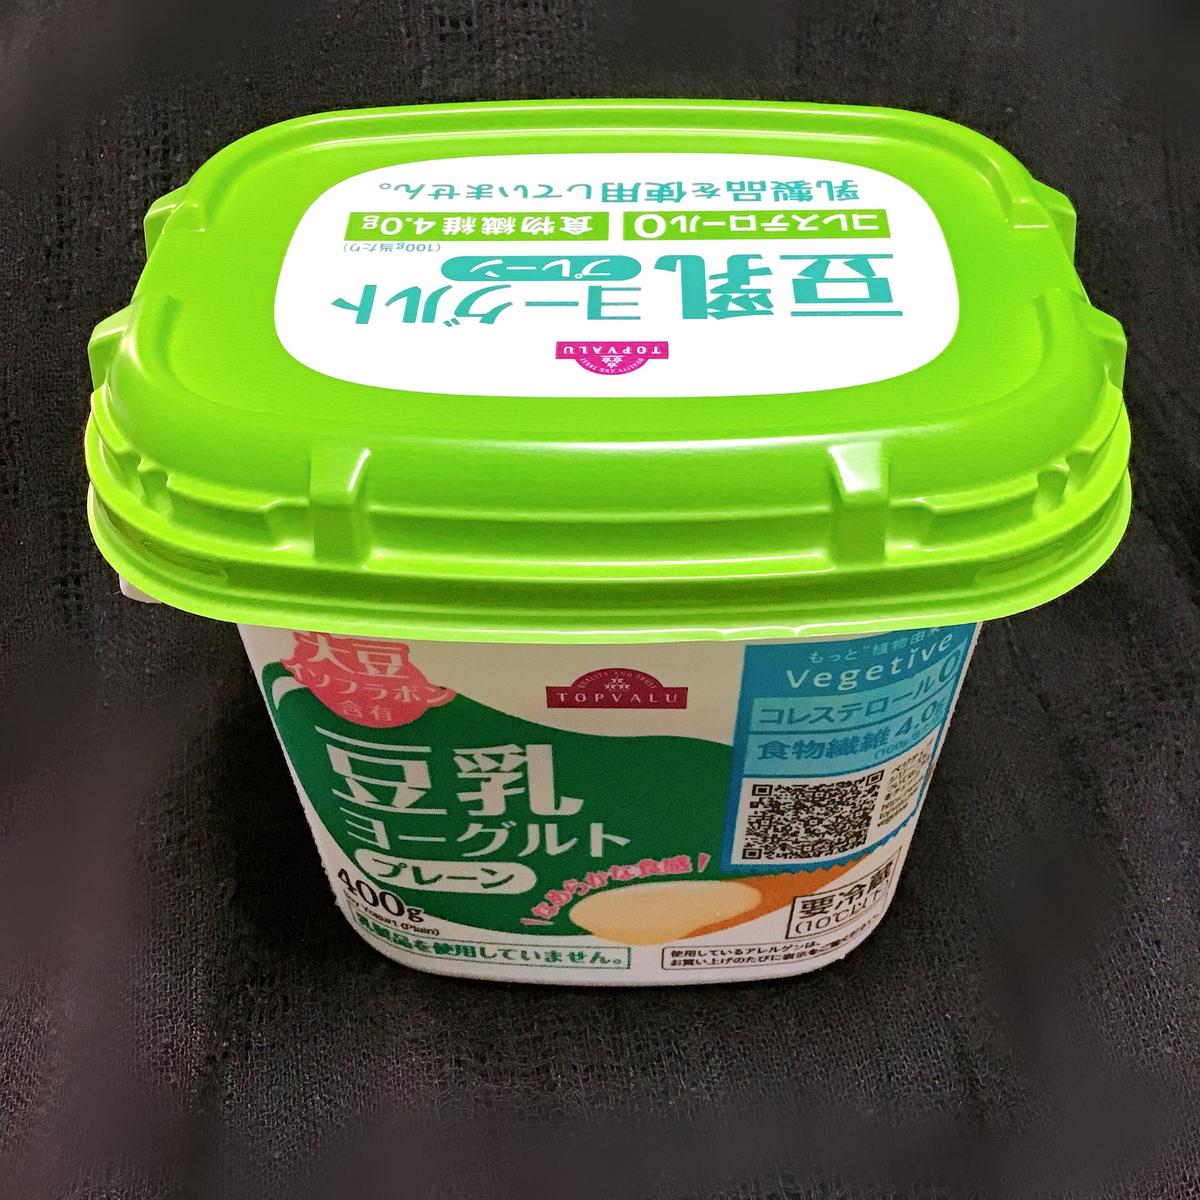 トップバリュの豆乳ヨーグルト